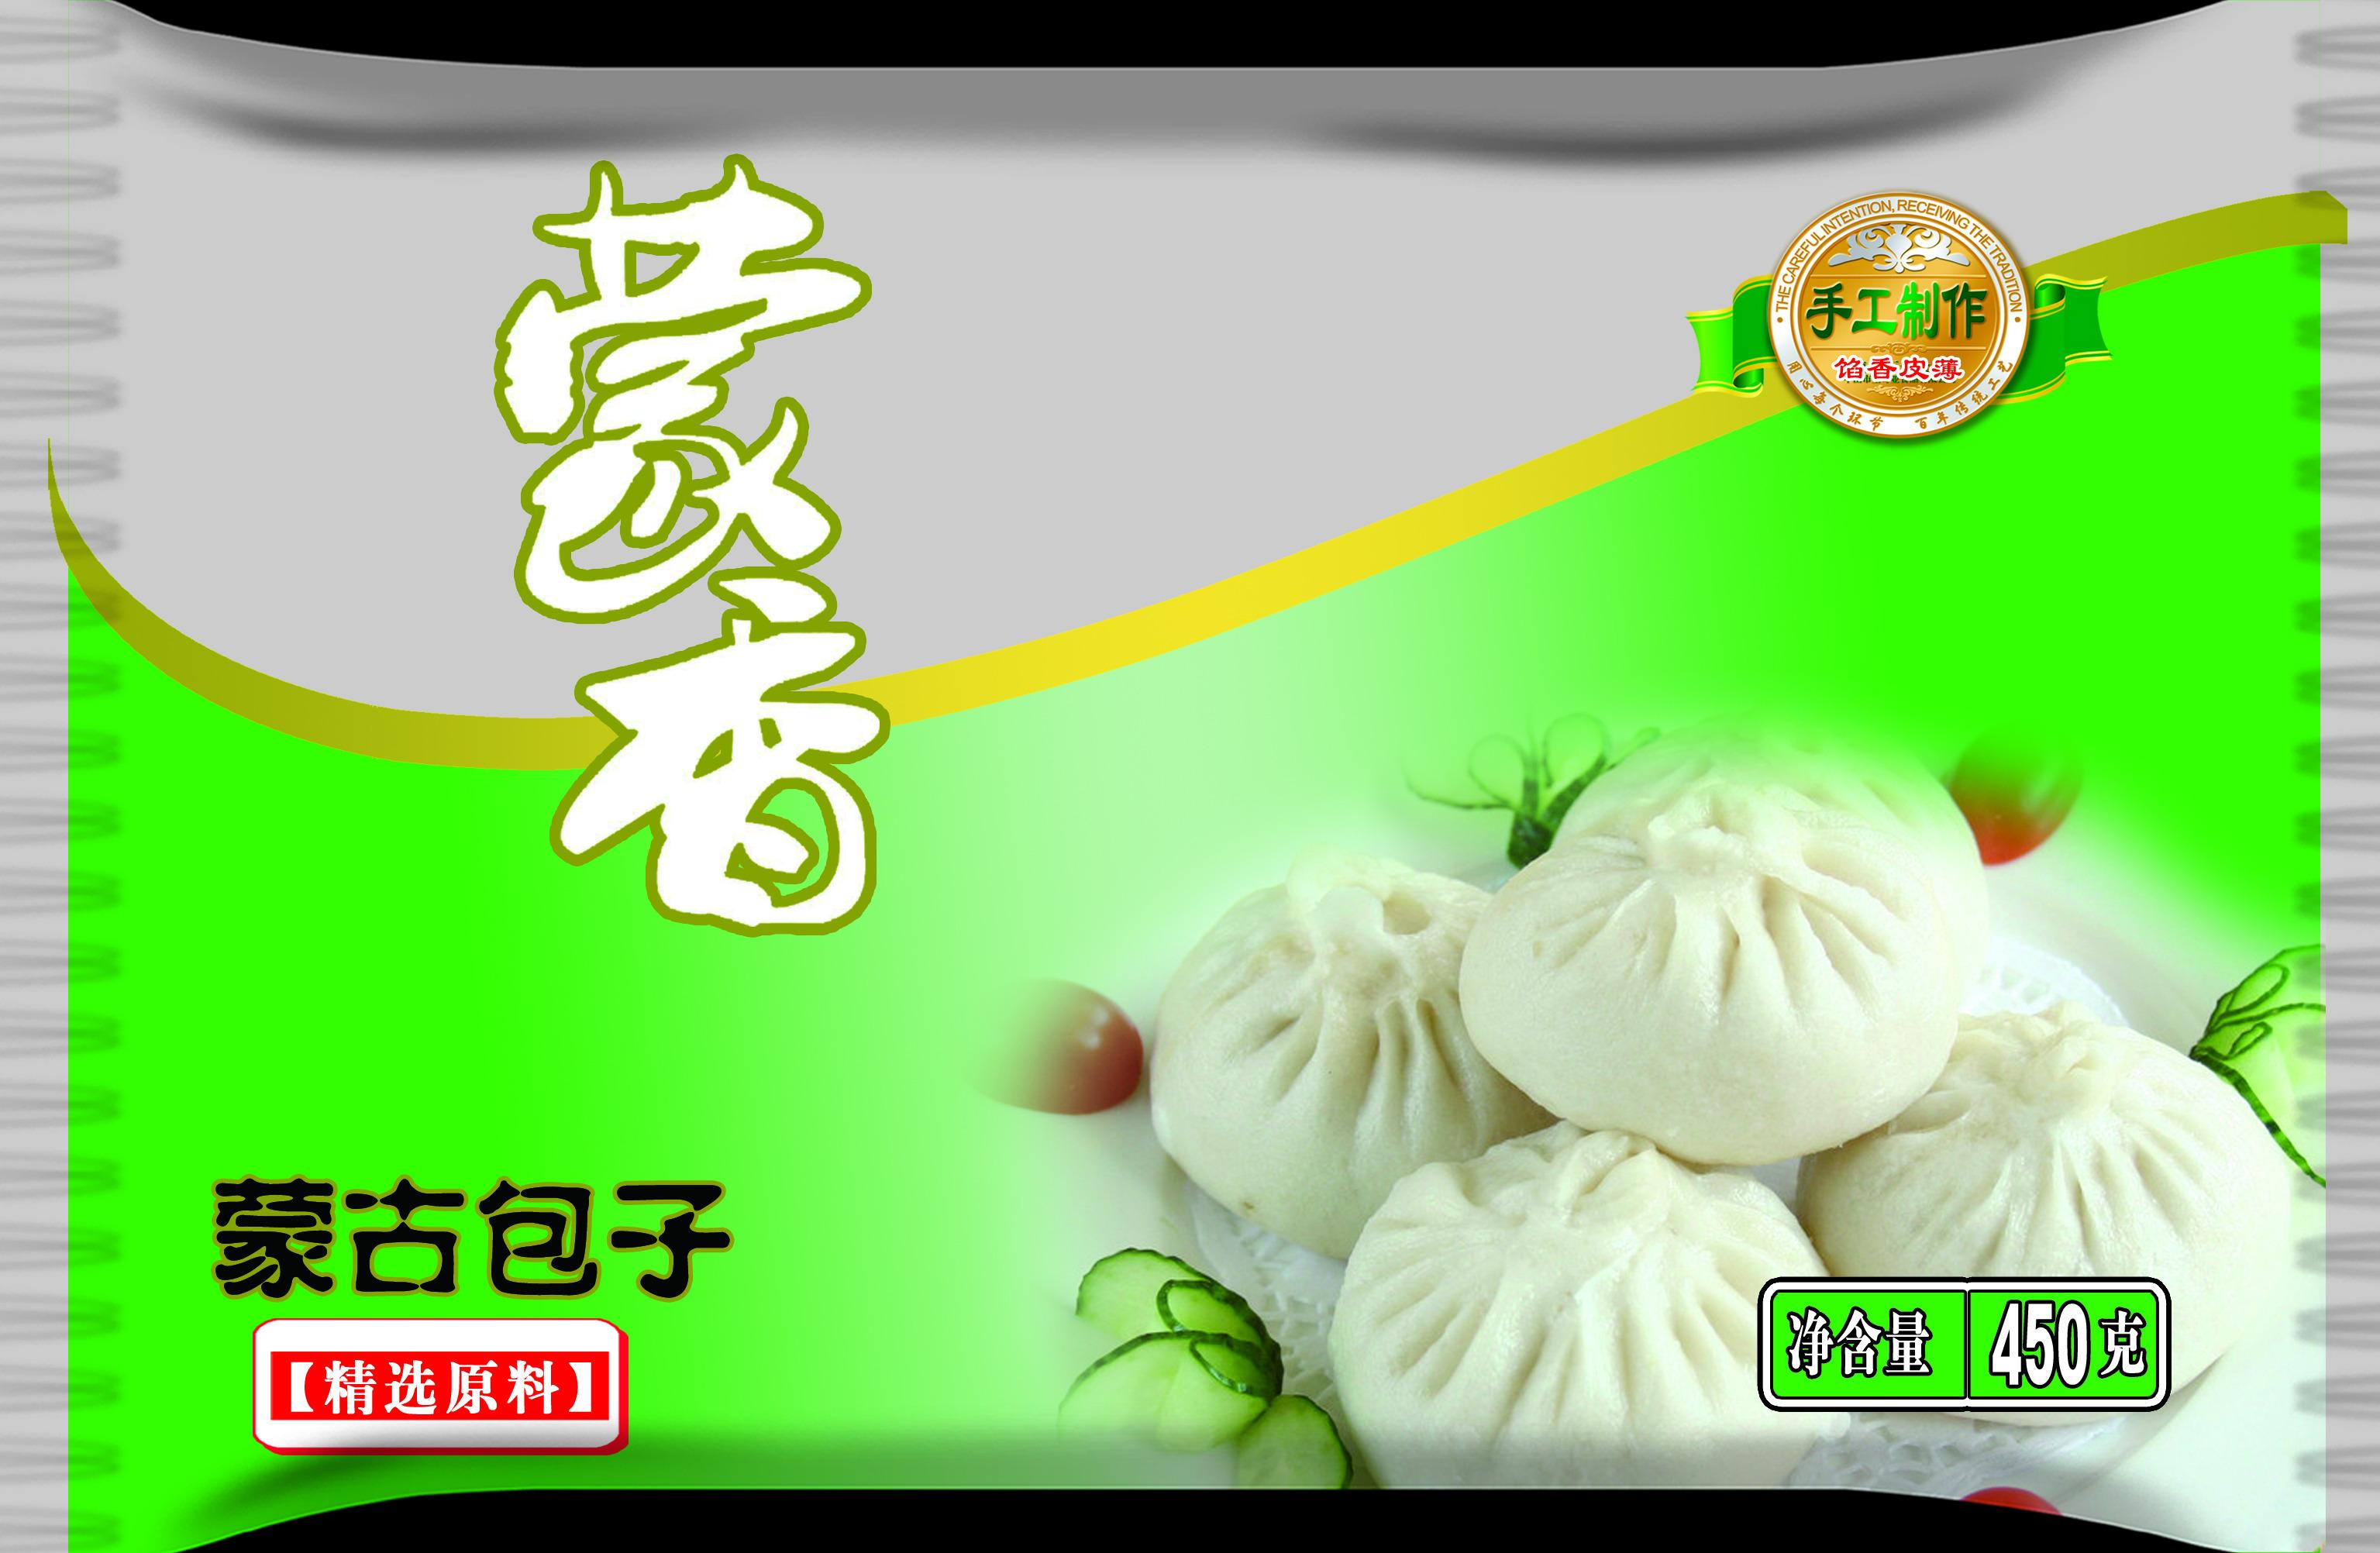 饺子海鲜特产食品包装设计